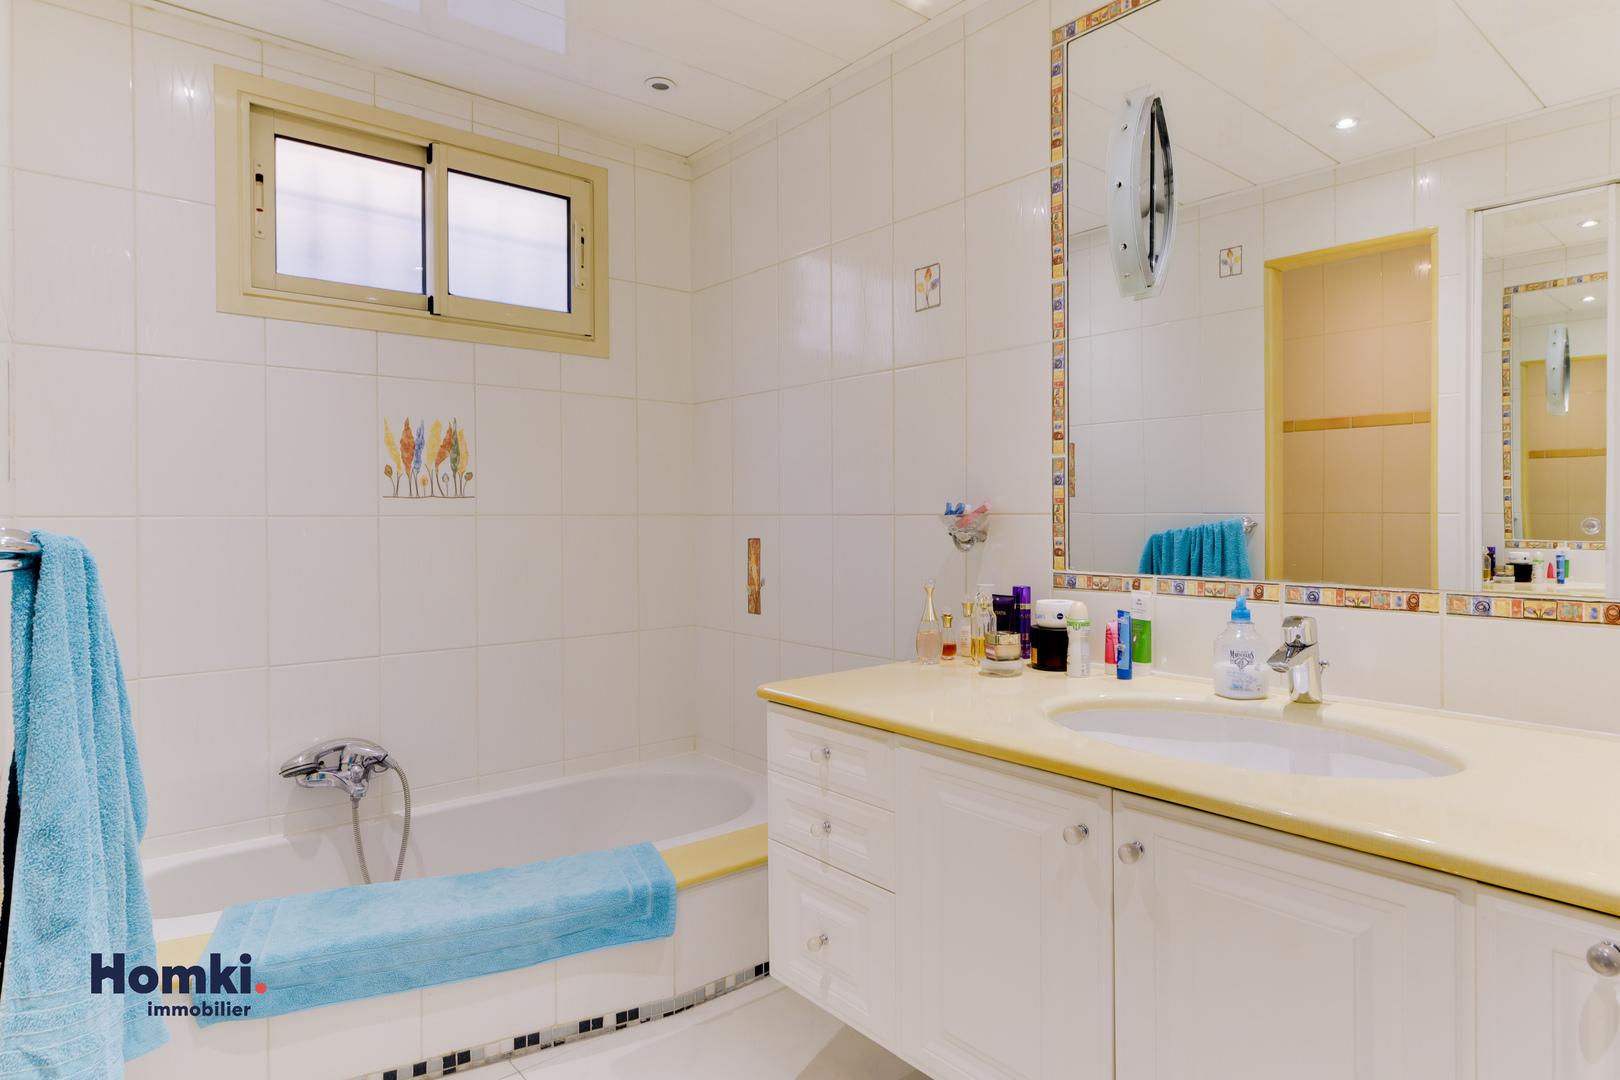 Vente Maison 160 m² T5 06440_10